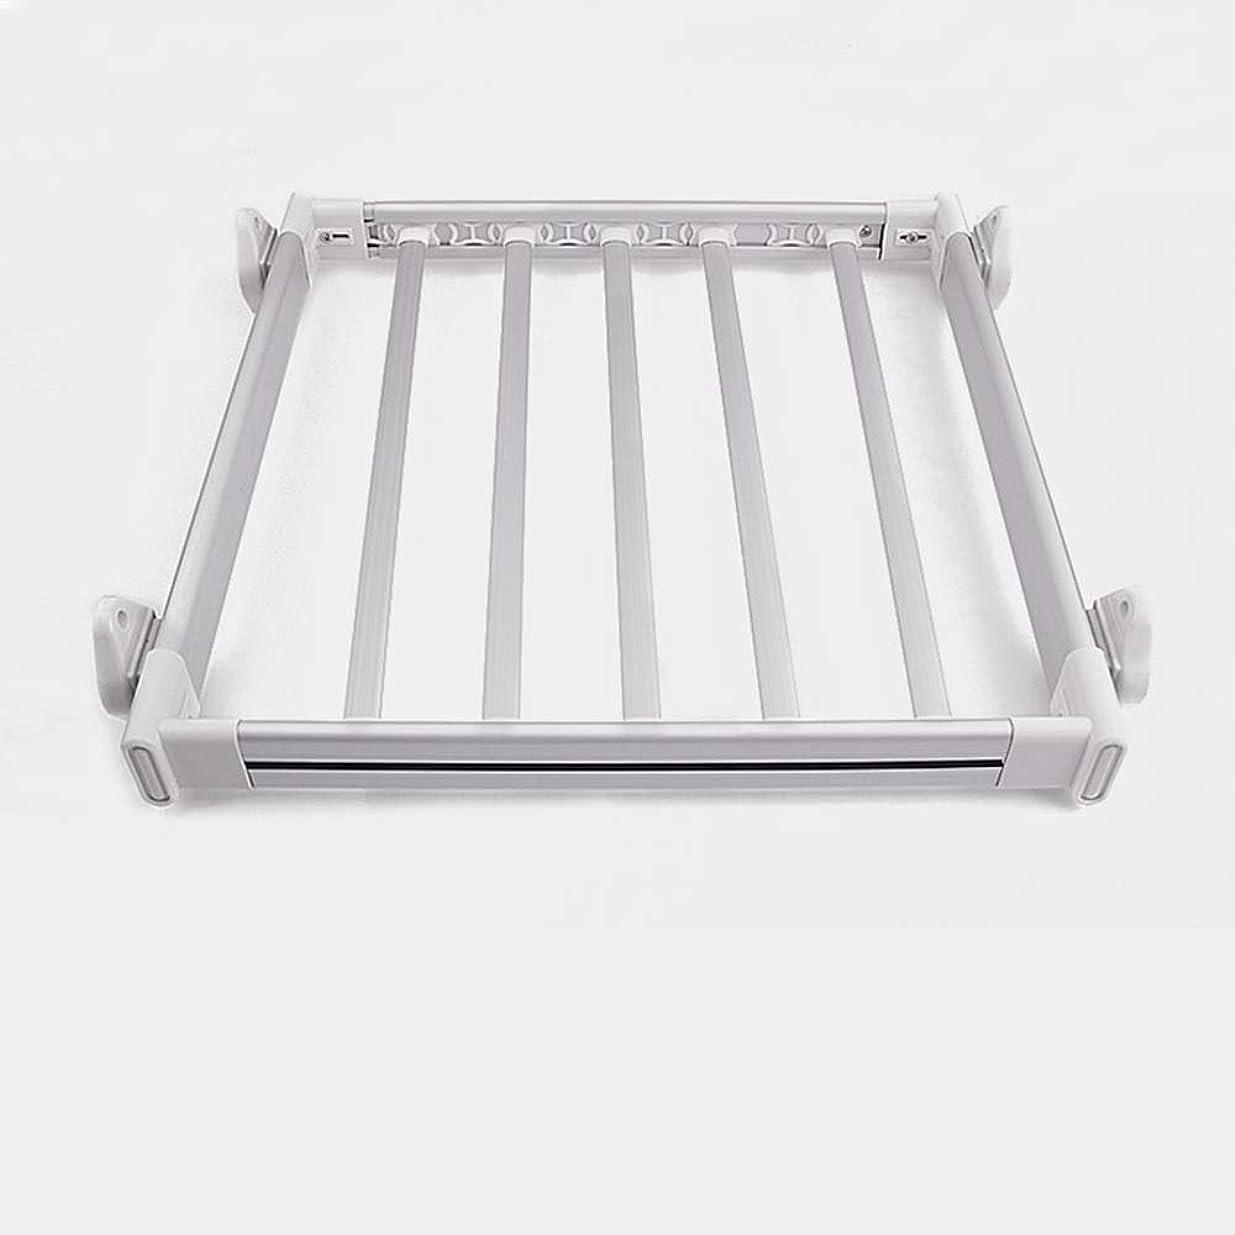 常習者画面アジテーションJIAYING ハンガーラック ハンガー ズボンハンガー スラックス ハンガー 多機能ハンガー ズボンハンガー整理するためのラック、3サイズでズボンの20ペアを保持 (Color : Silver White, Size : Small)